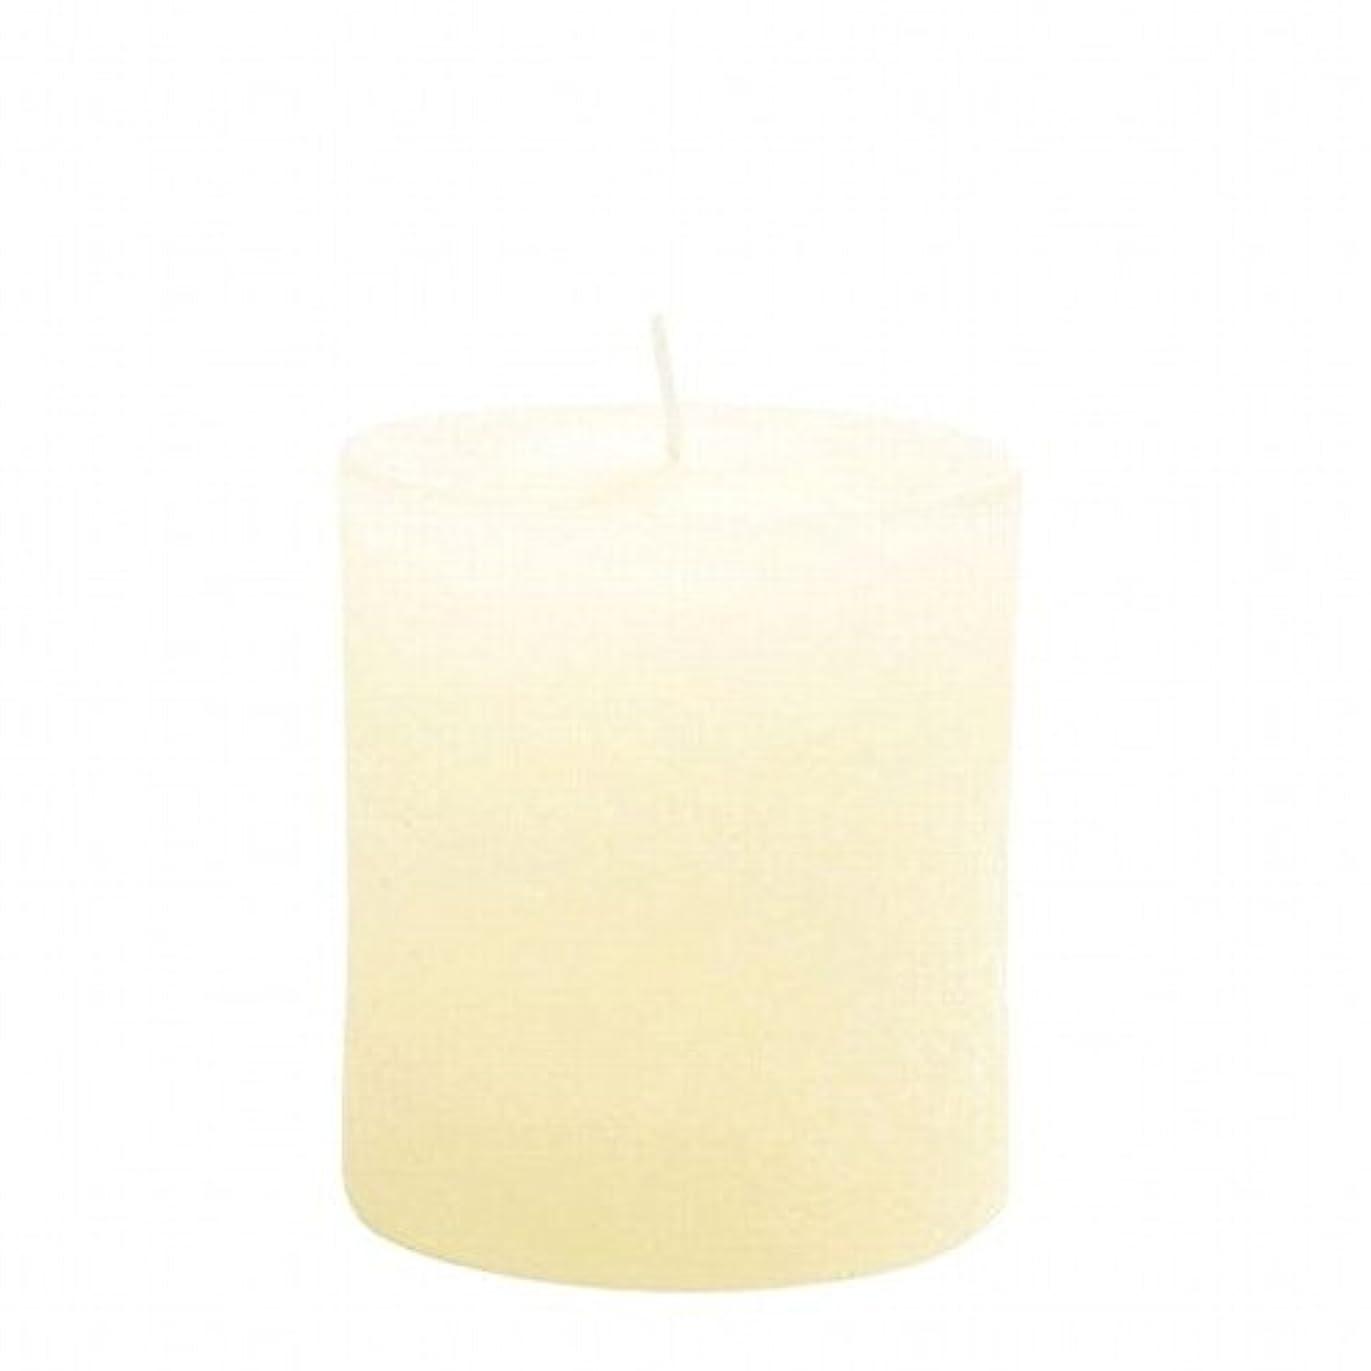 人非公式中央値kameyama candle(カメヤマキャンドル) ラスティクピラー70×75 「 アイボリー 」(A4930010IV)